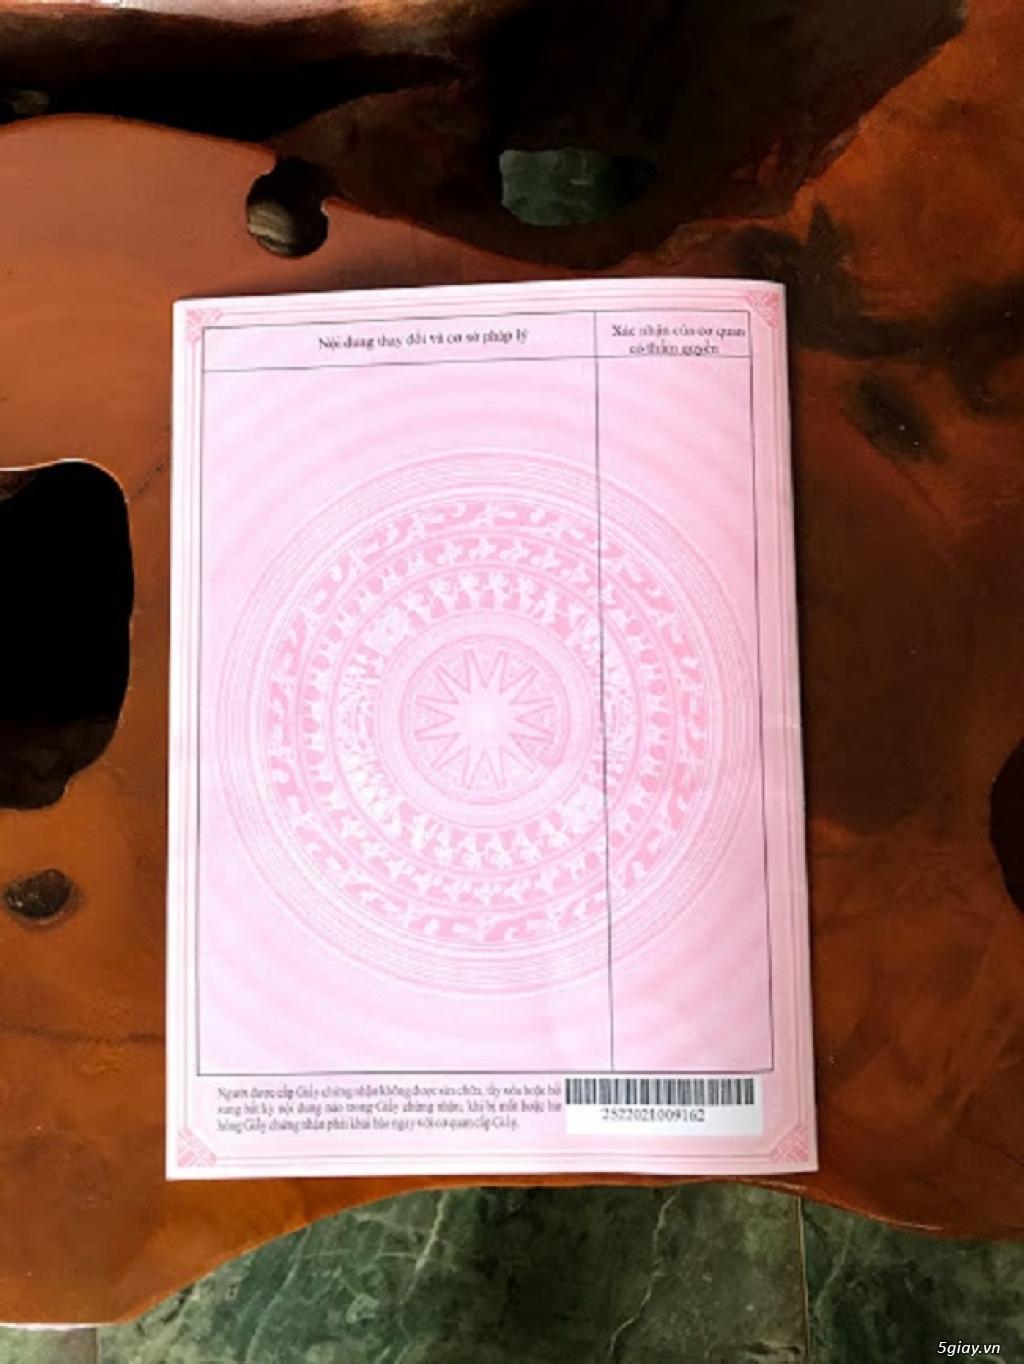 Bán đất nền Long Phước, tx Phước Long, Bình Phước chính chủ, sổ hồng - 6